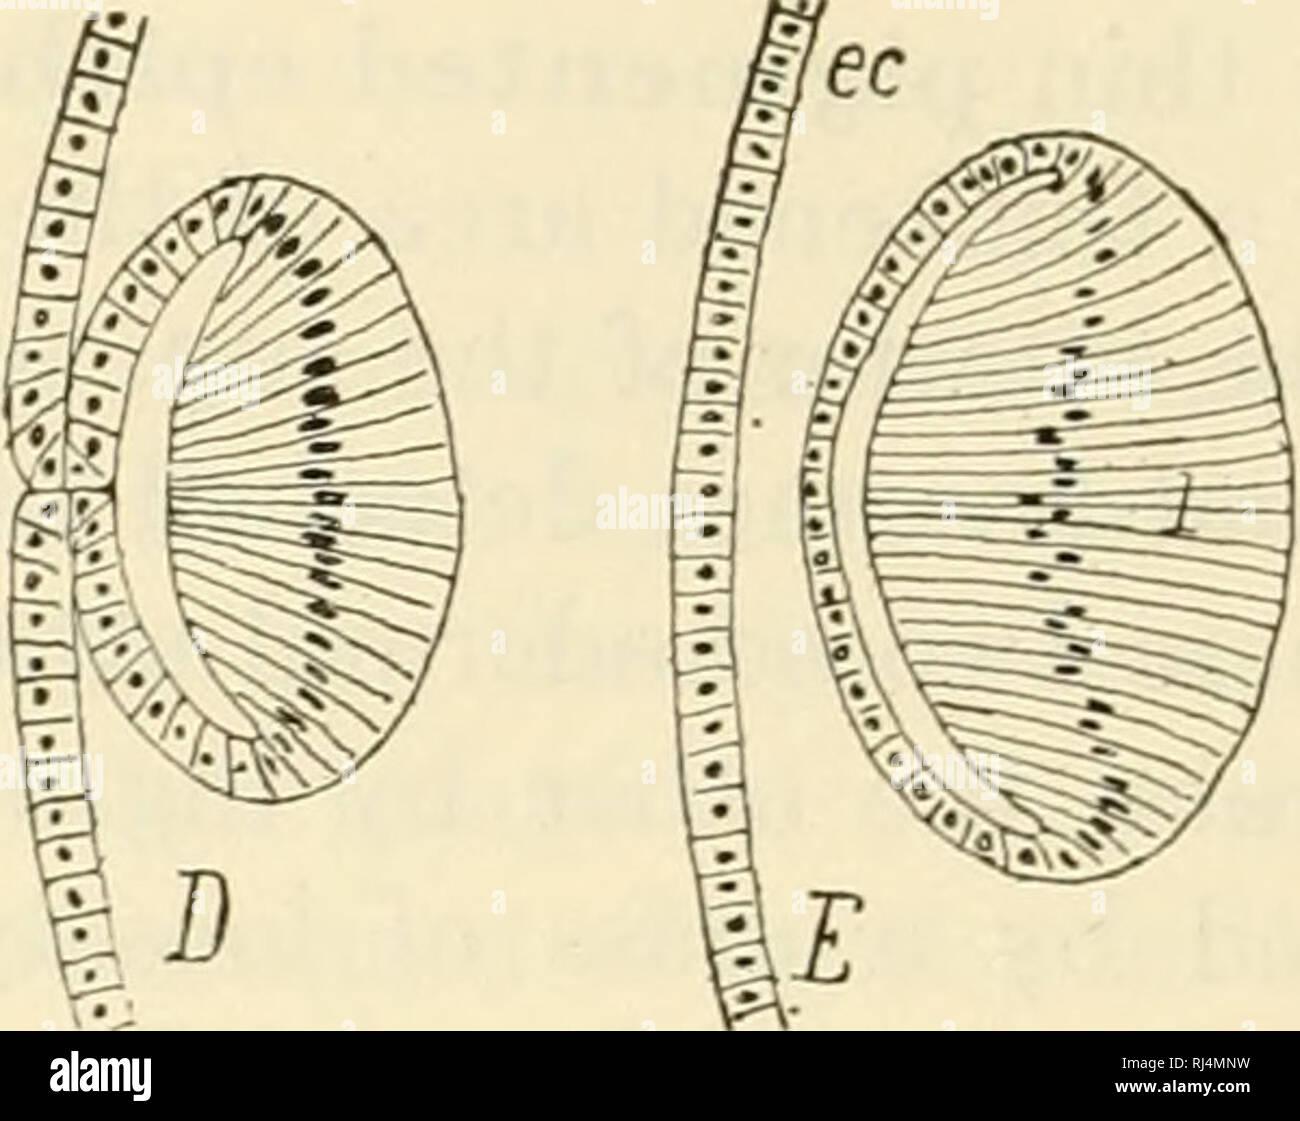 The Chordates Chordata Basic Structure Of Ertebrates Fig 173